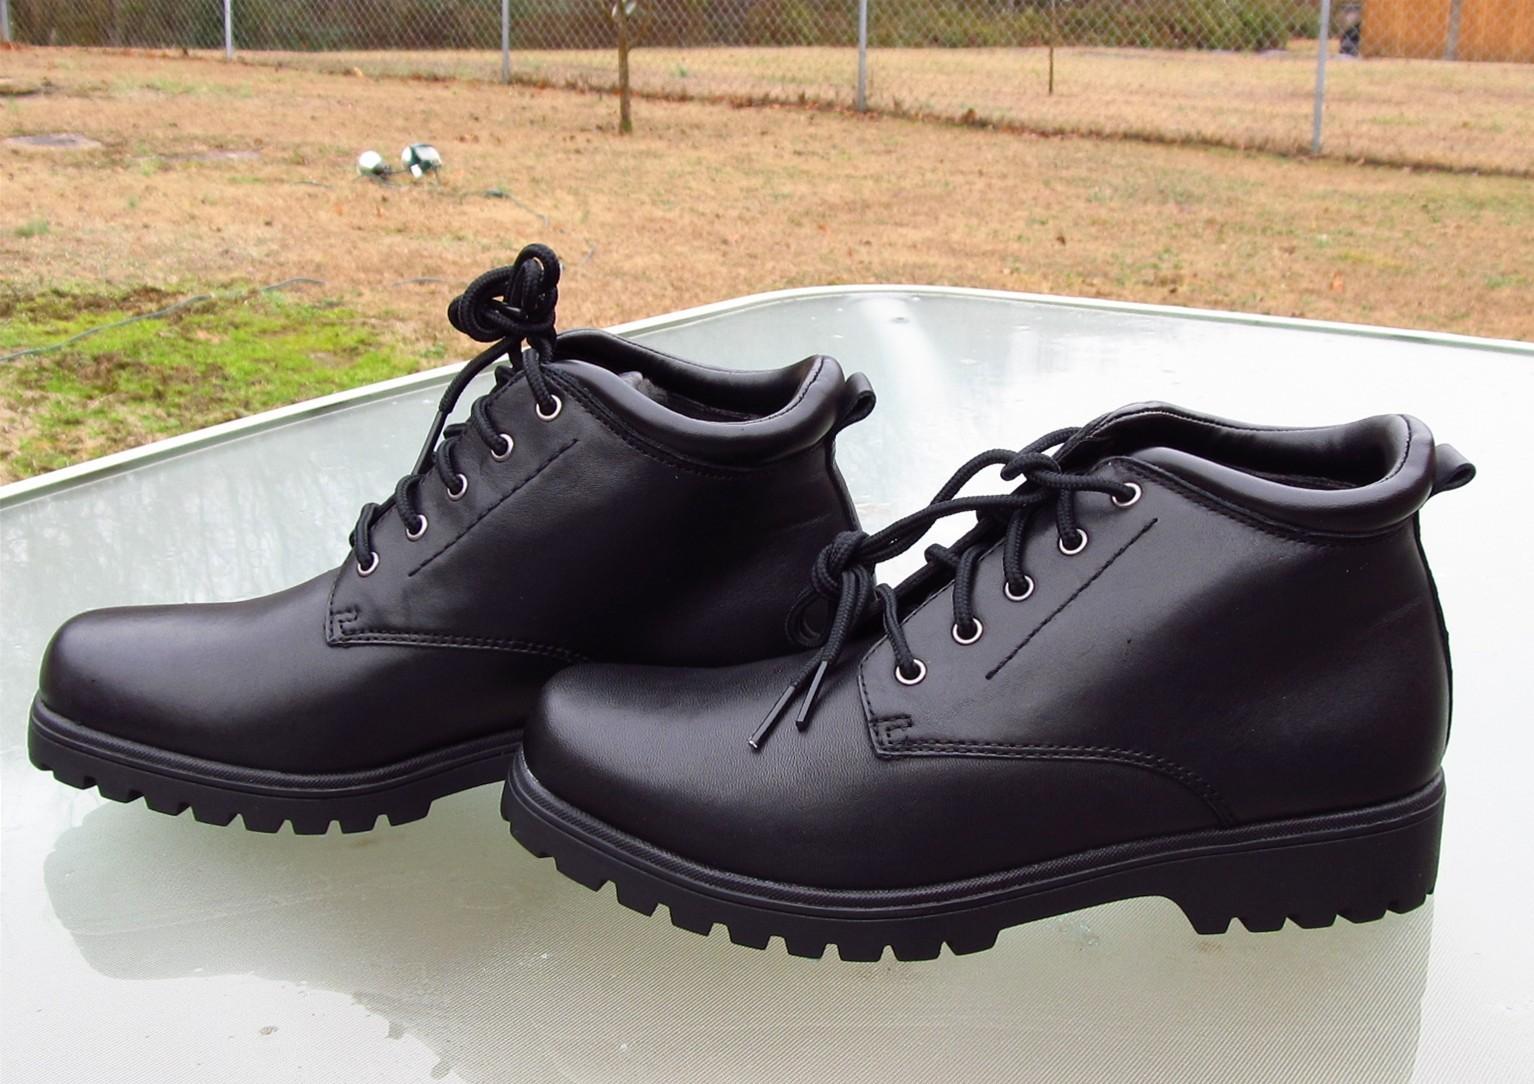 CROFT & BARROW RETREAT Ankle High Black Boots Unused Ladies sz 6 Med